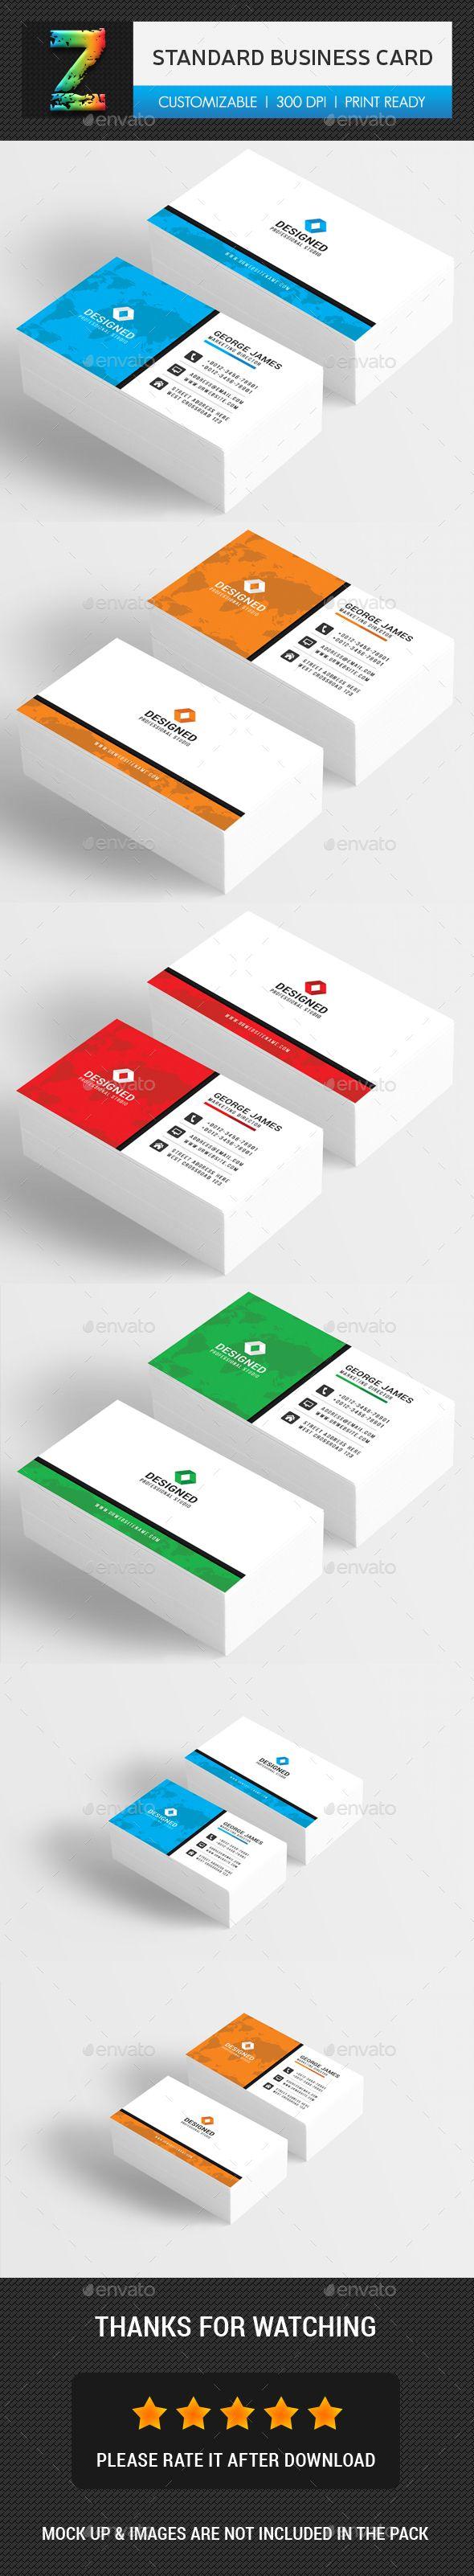 Standard Business Card Template PSD